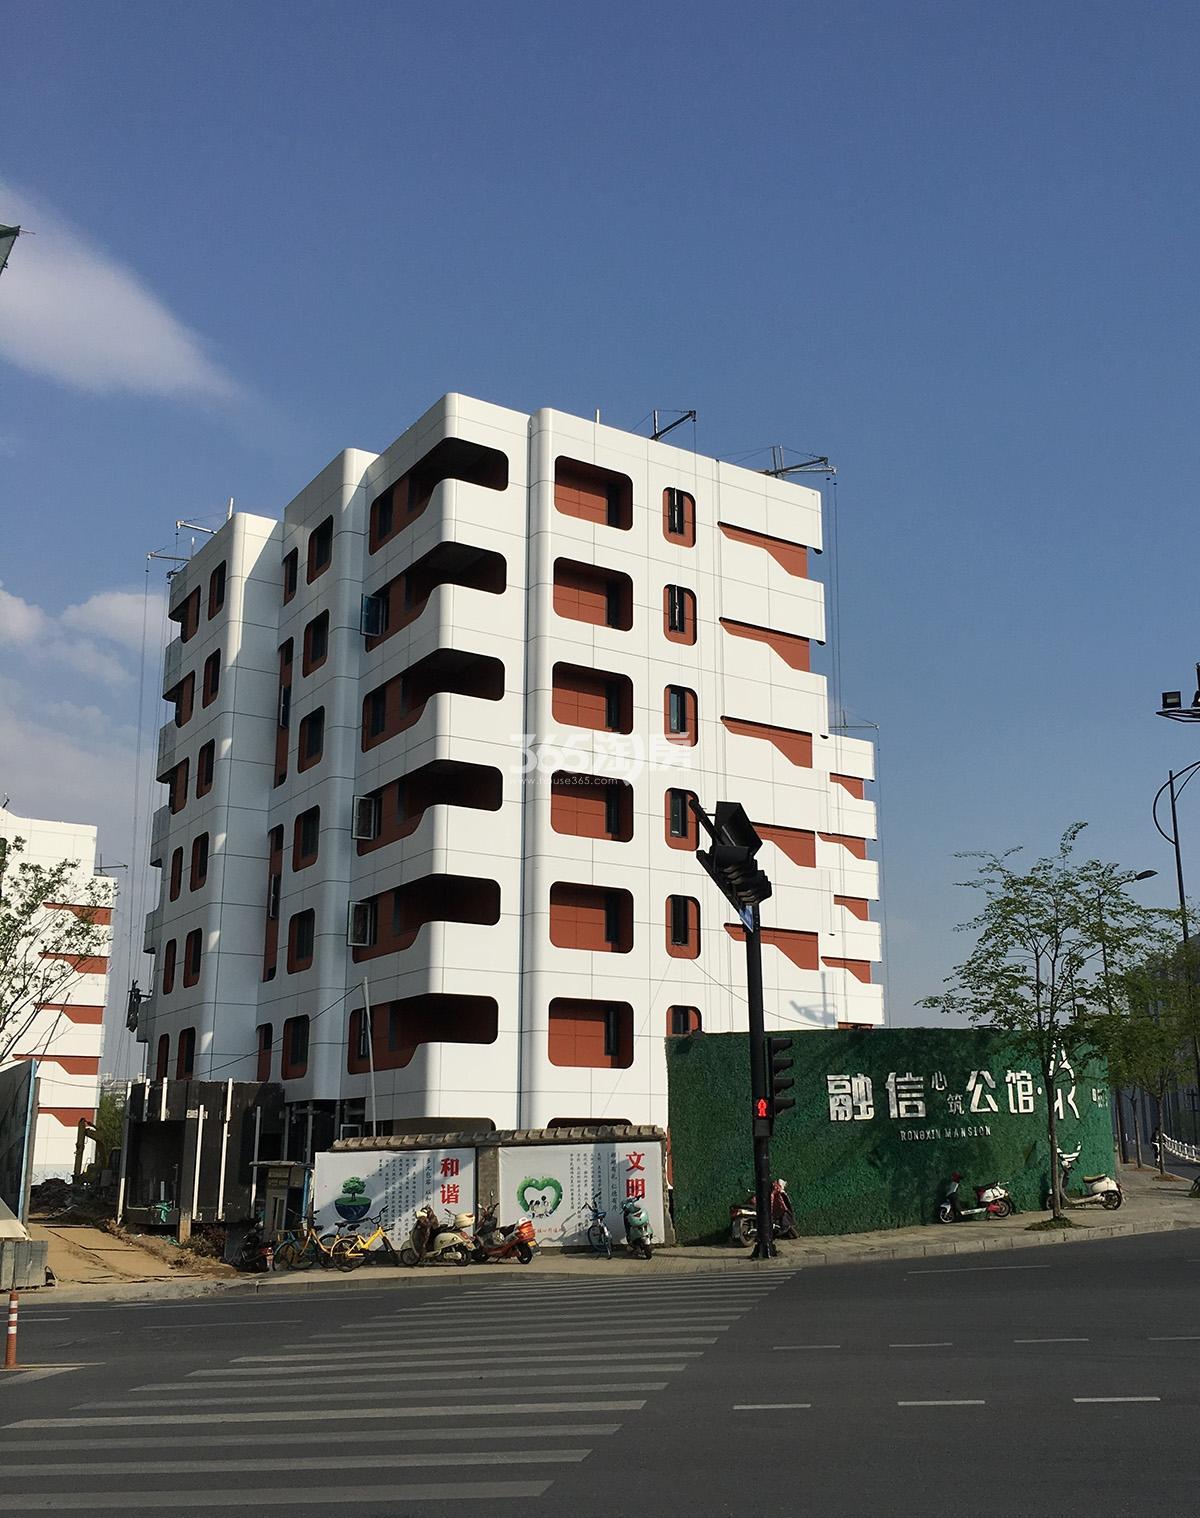 2018年4月初融信公馆ARC项目1号楼(地名幢号)实景